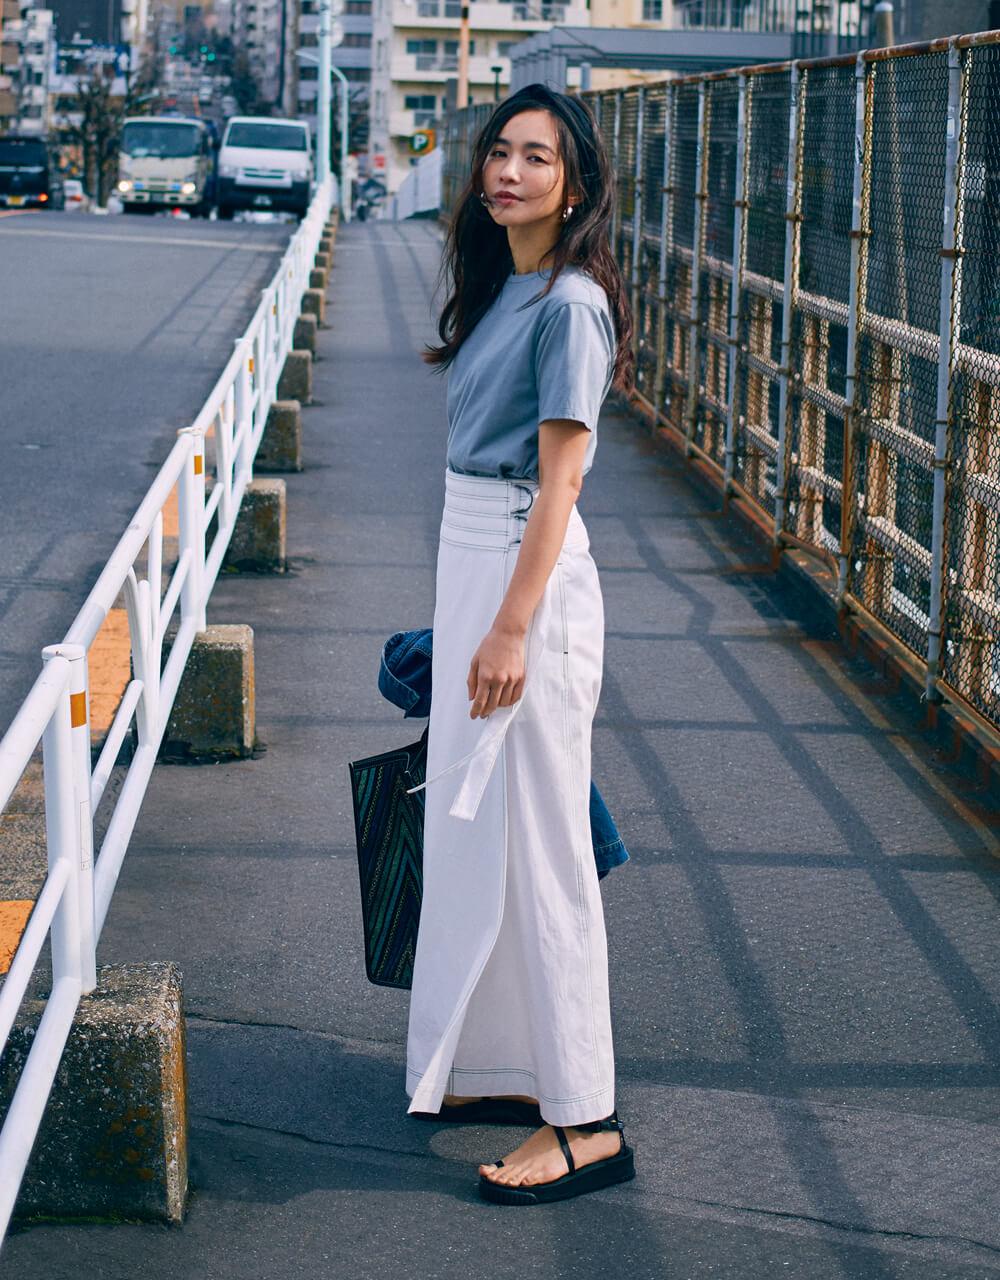 優木まおみさん 白のスカートを新鮮に仕上げる、 ブルーグレーのニュアンスTシャツ